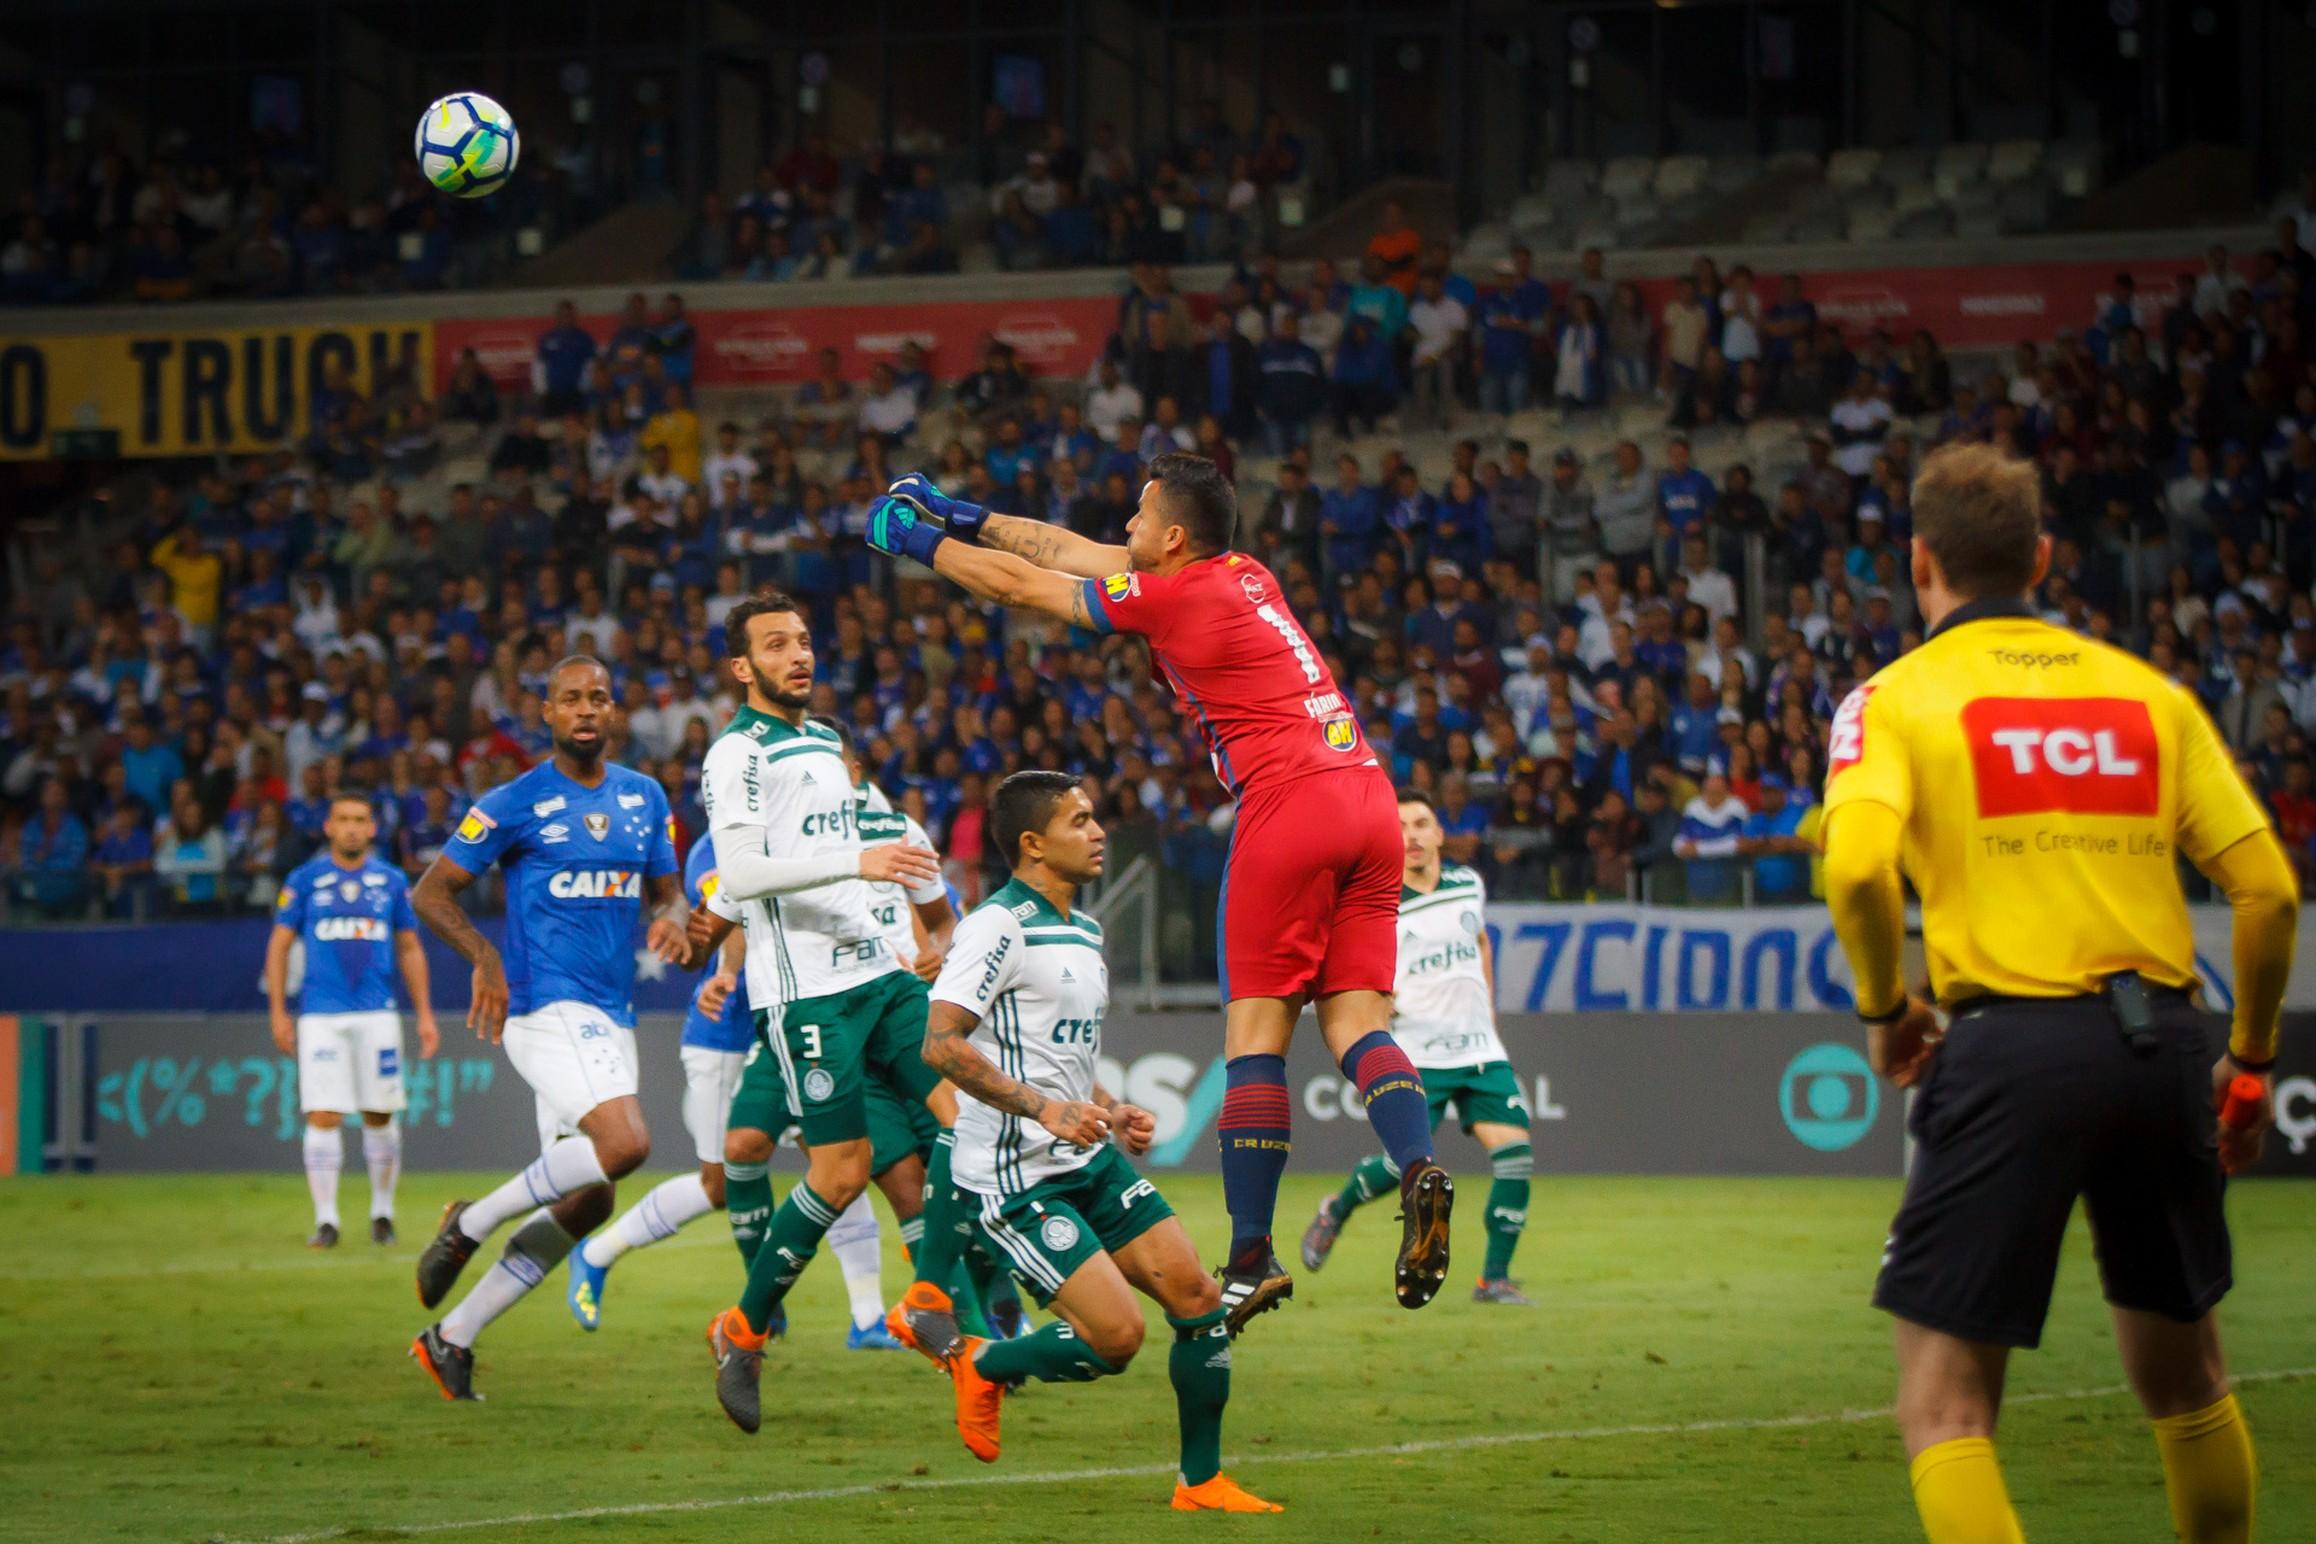 Os sobreviventes: Palmeiras e Cruzeiro vencem calendário e são os únicos brasileiros em três torneios